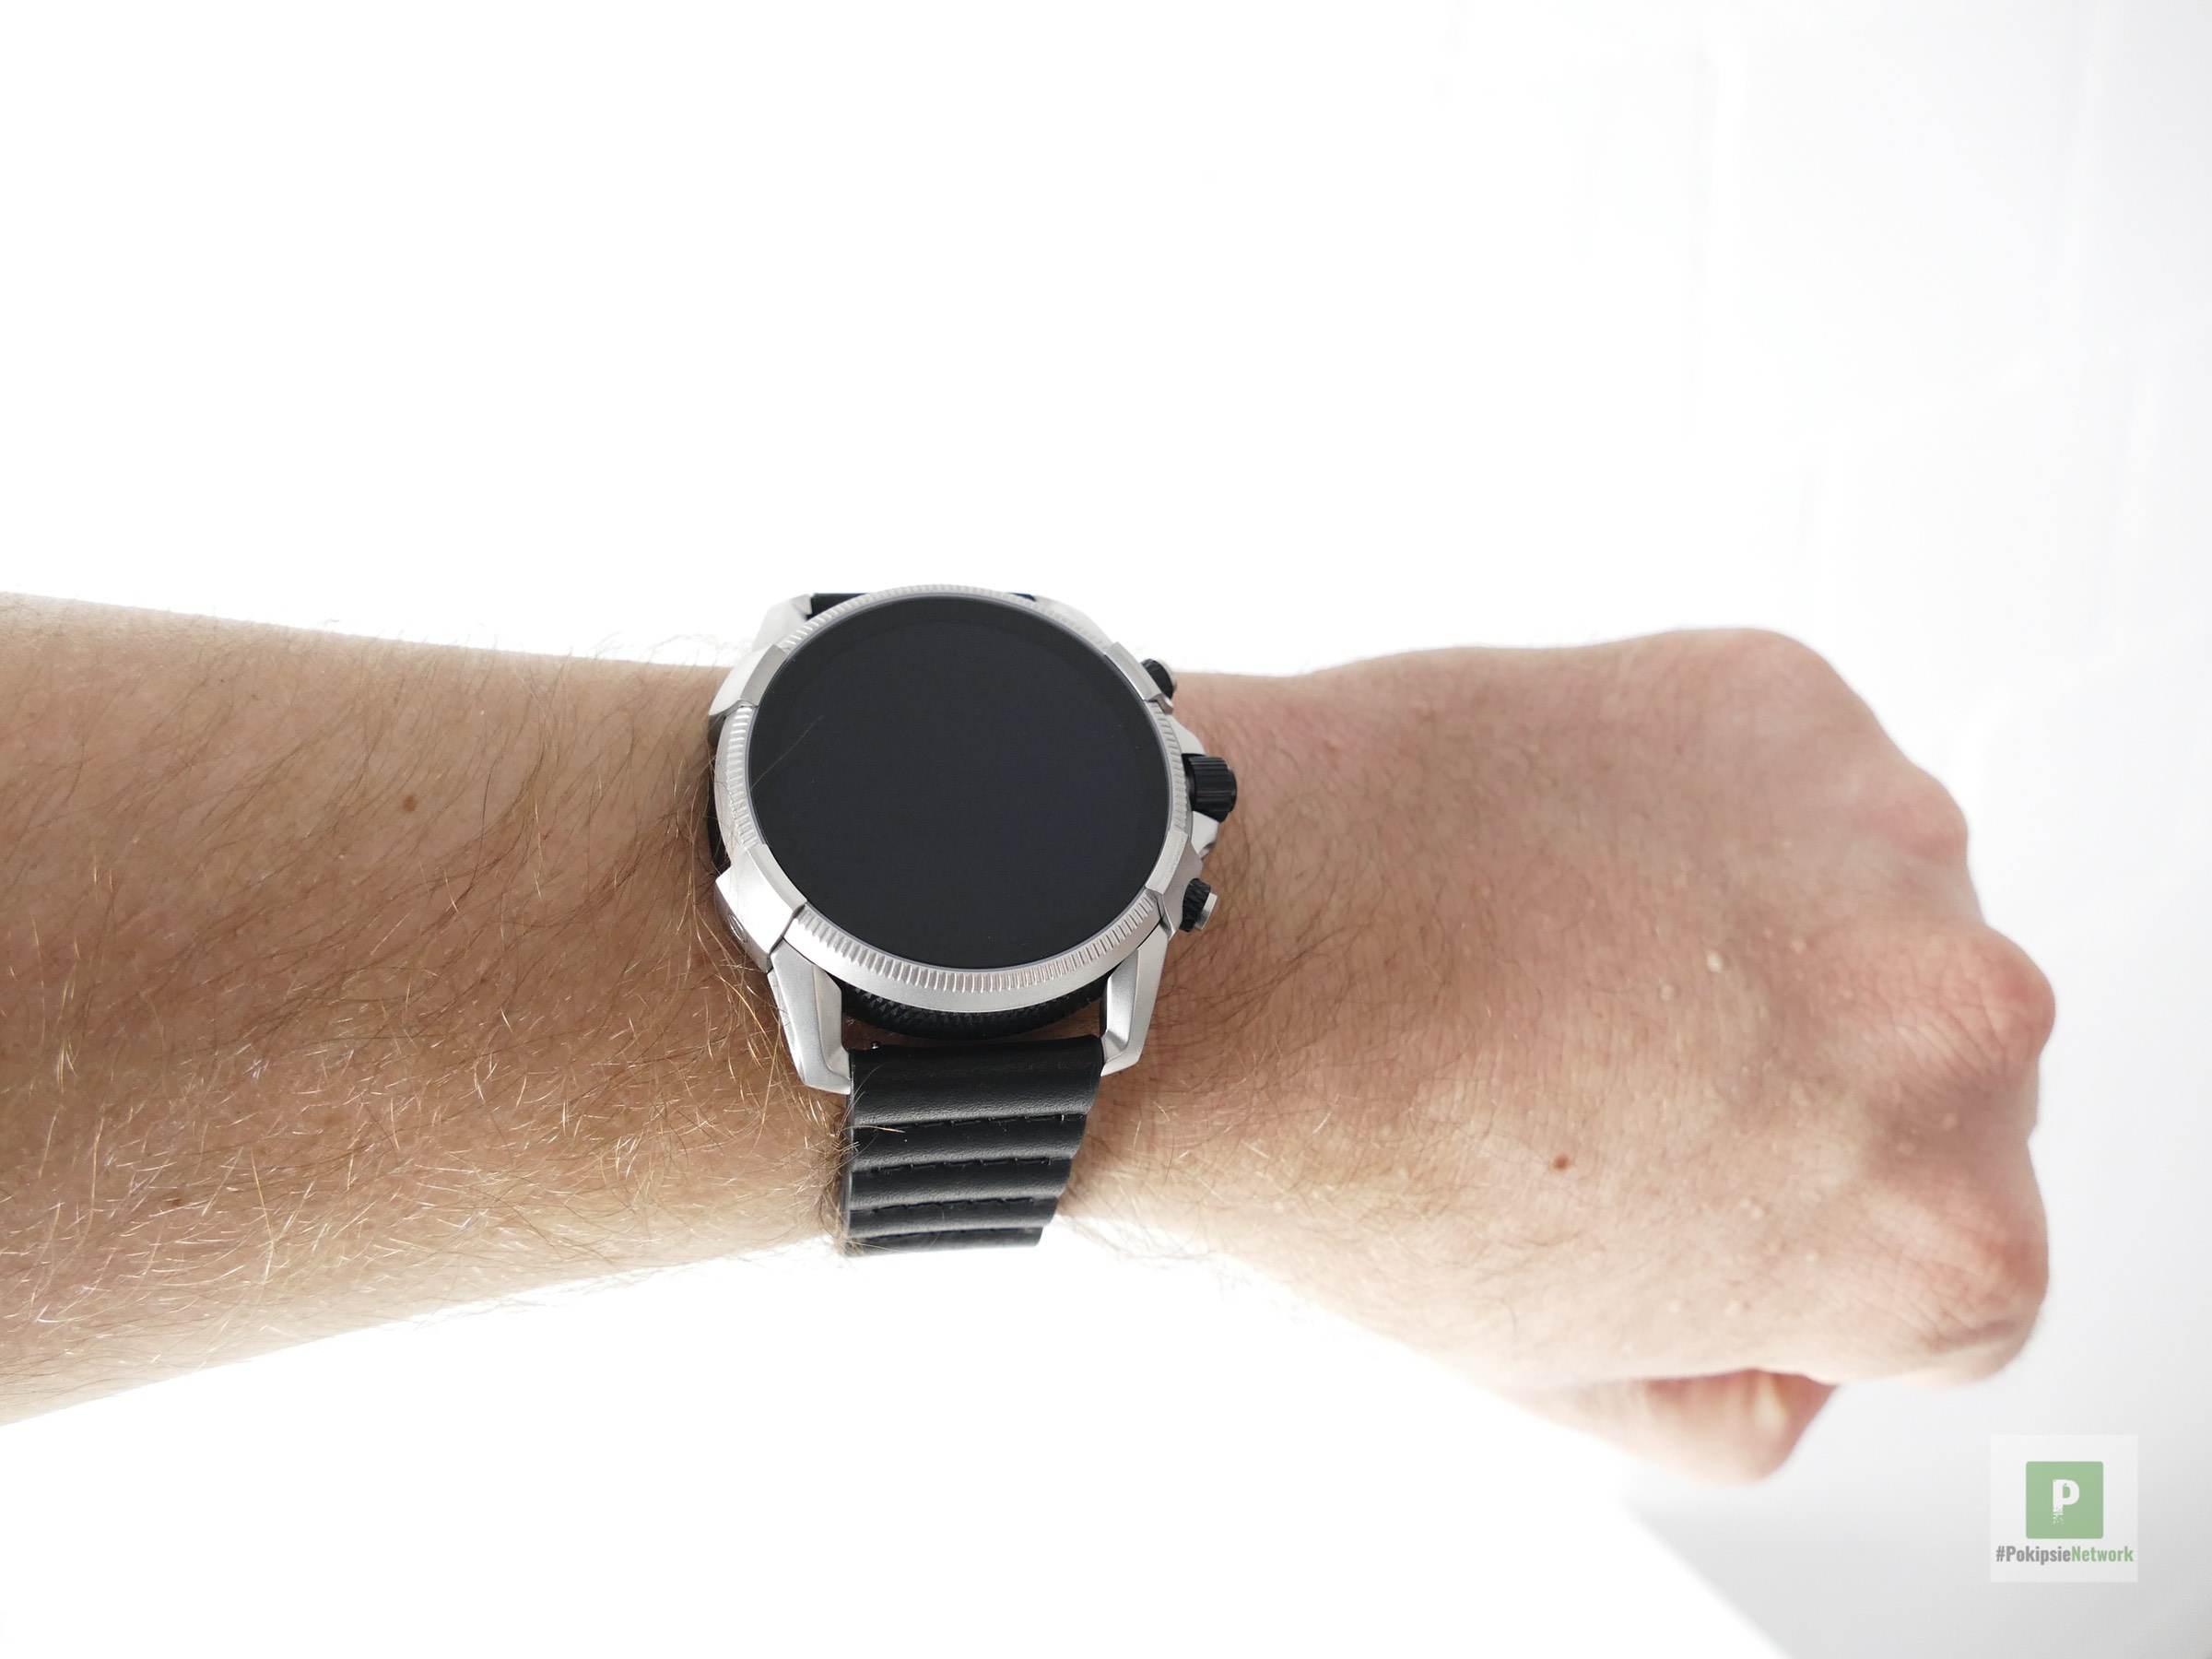 Diesel OnSmartwatch – Fossil baut Smartwatch für Diesel Fans